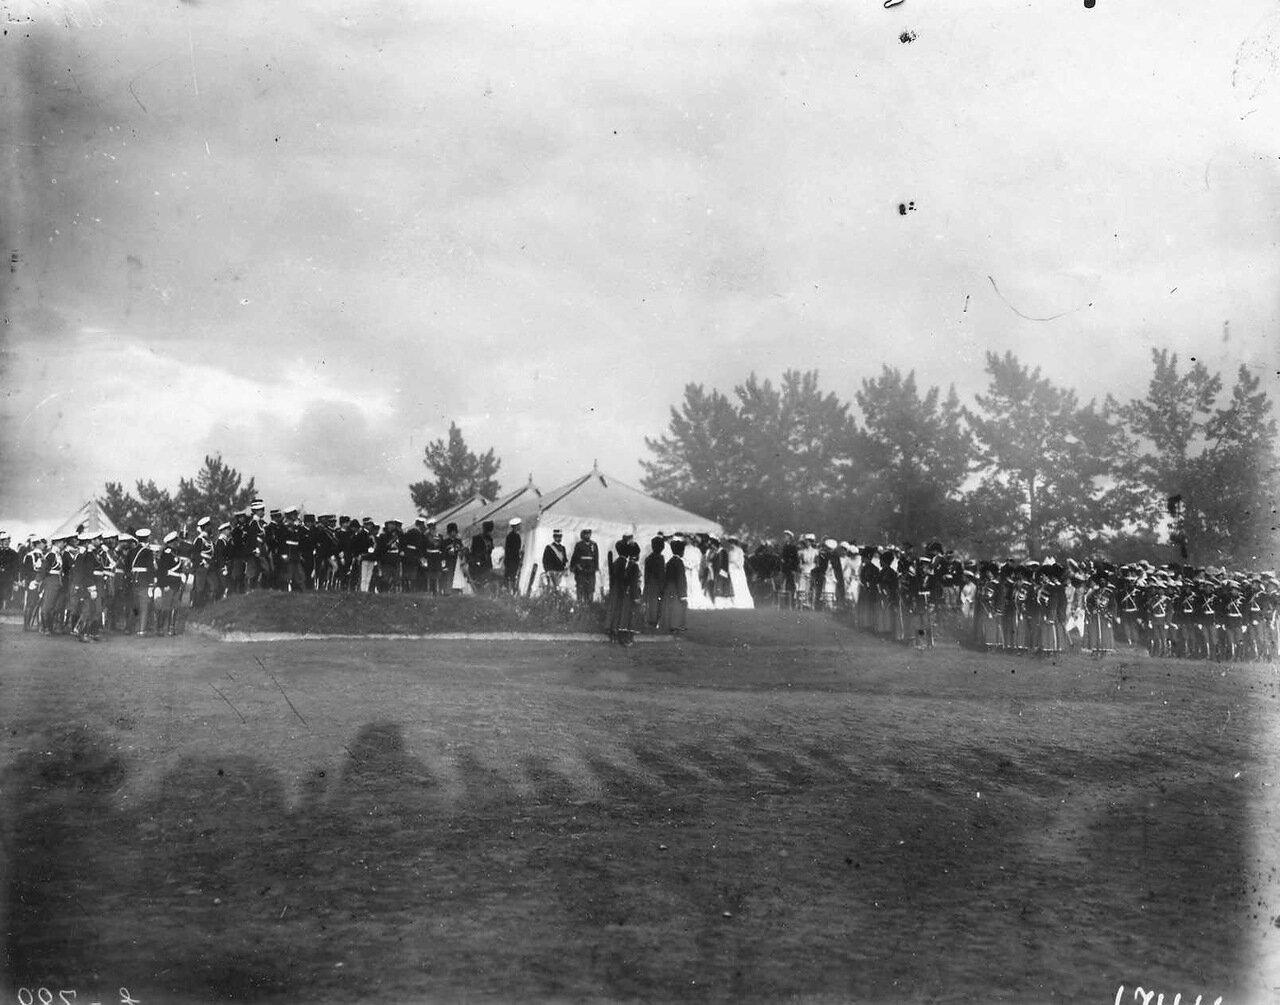 30.Император Николай II, итальянский король Виктор Эммануил III и их семьи и свита у палатки